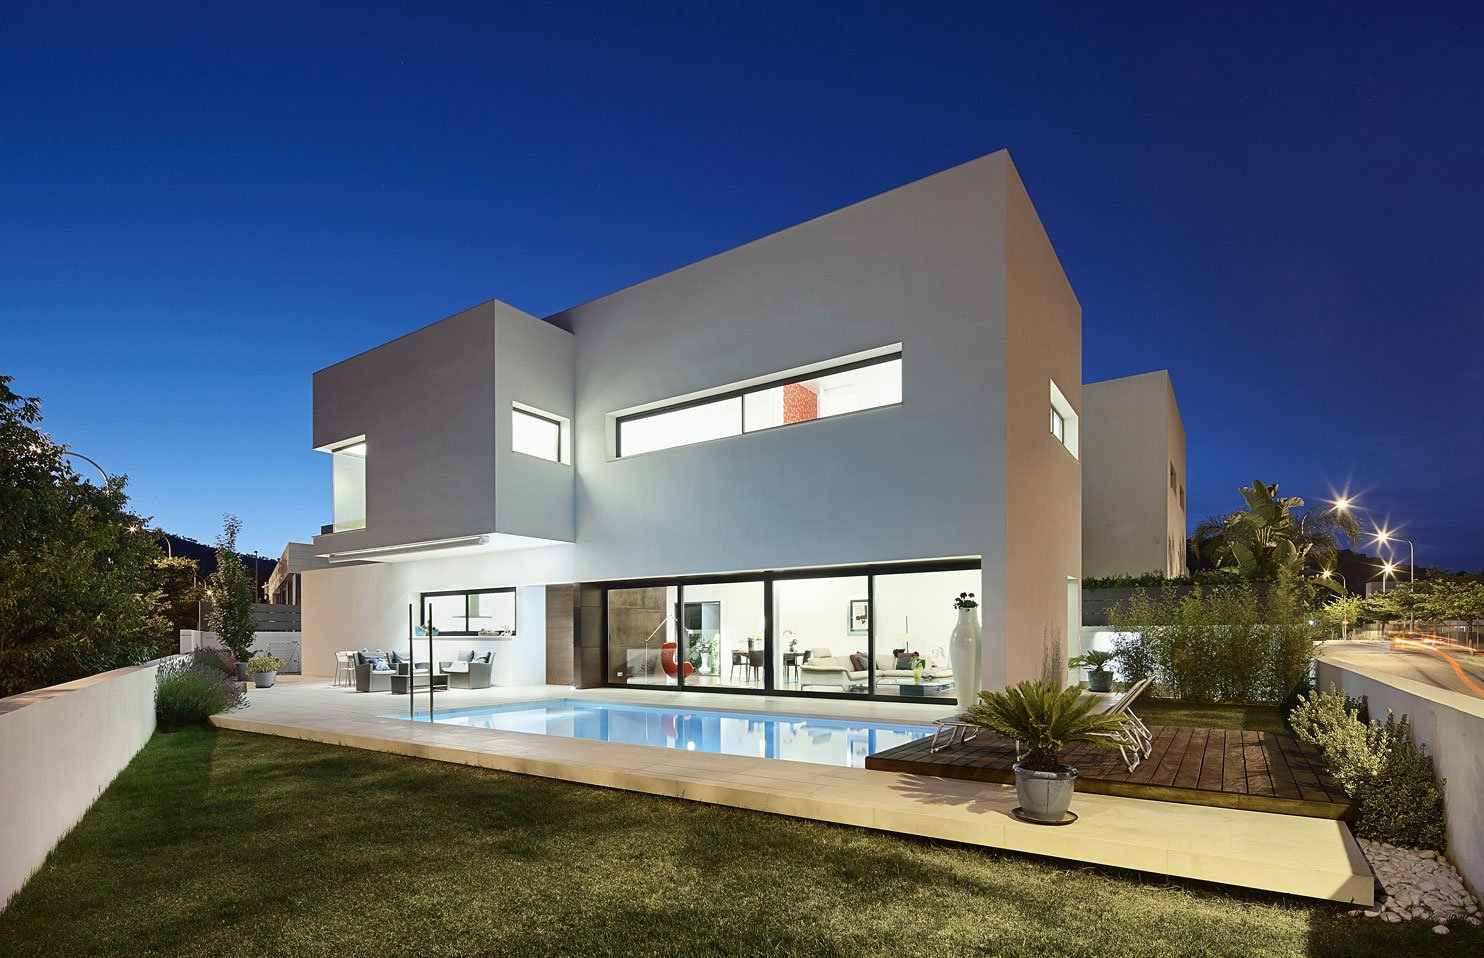 Dise o de casa con piscina de dos pisos Interiores de casas modernas 2015